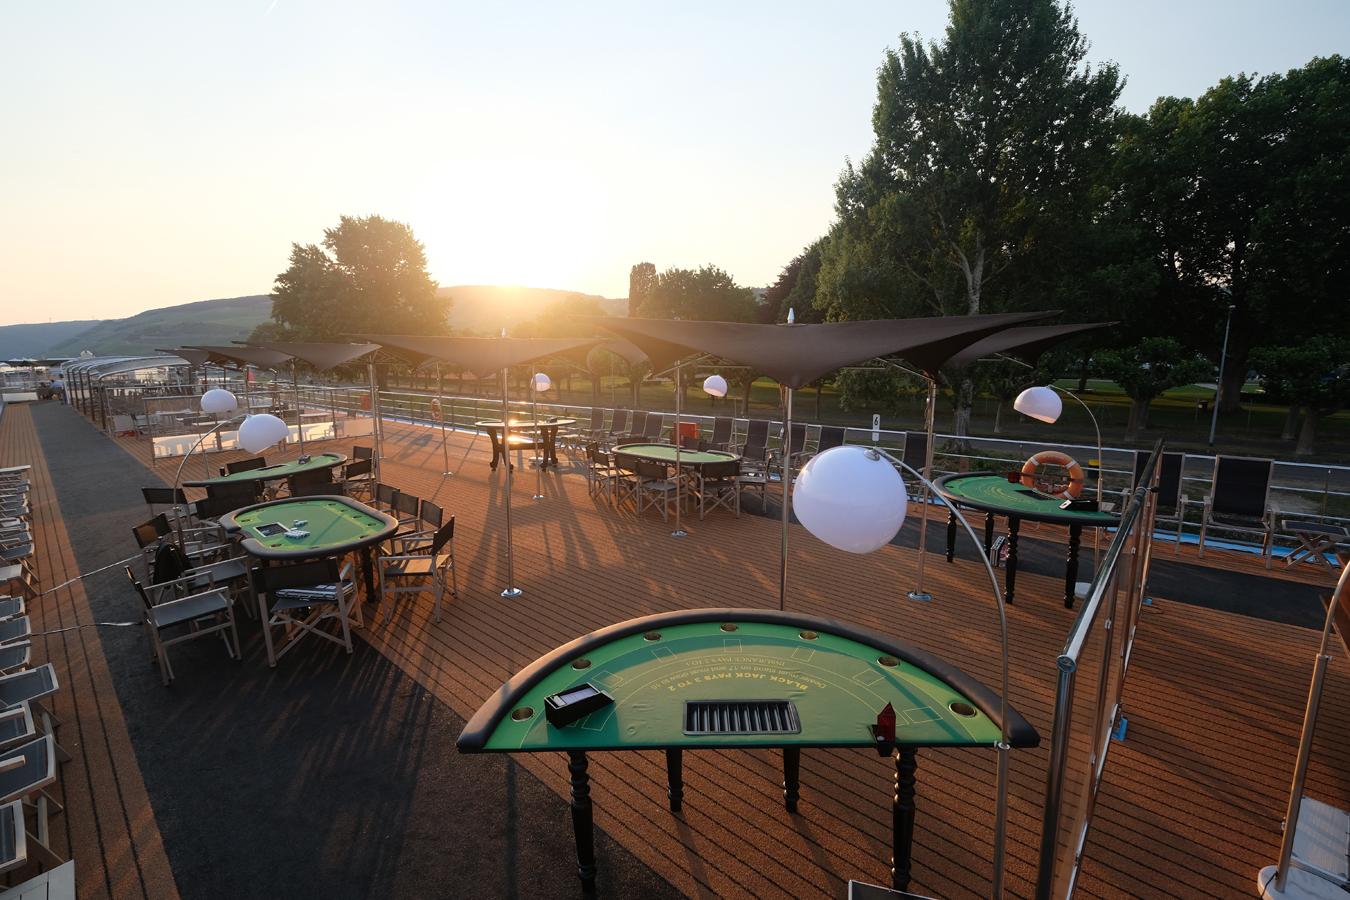 Planung: Event-Casino auf einem Schiff